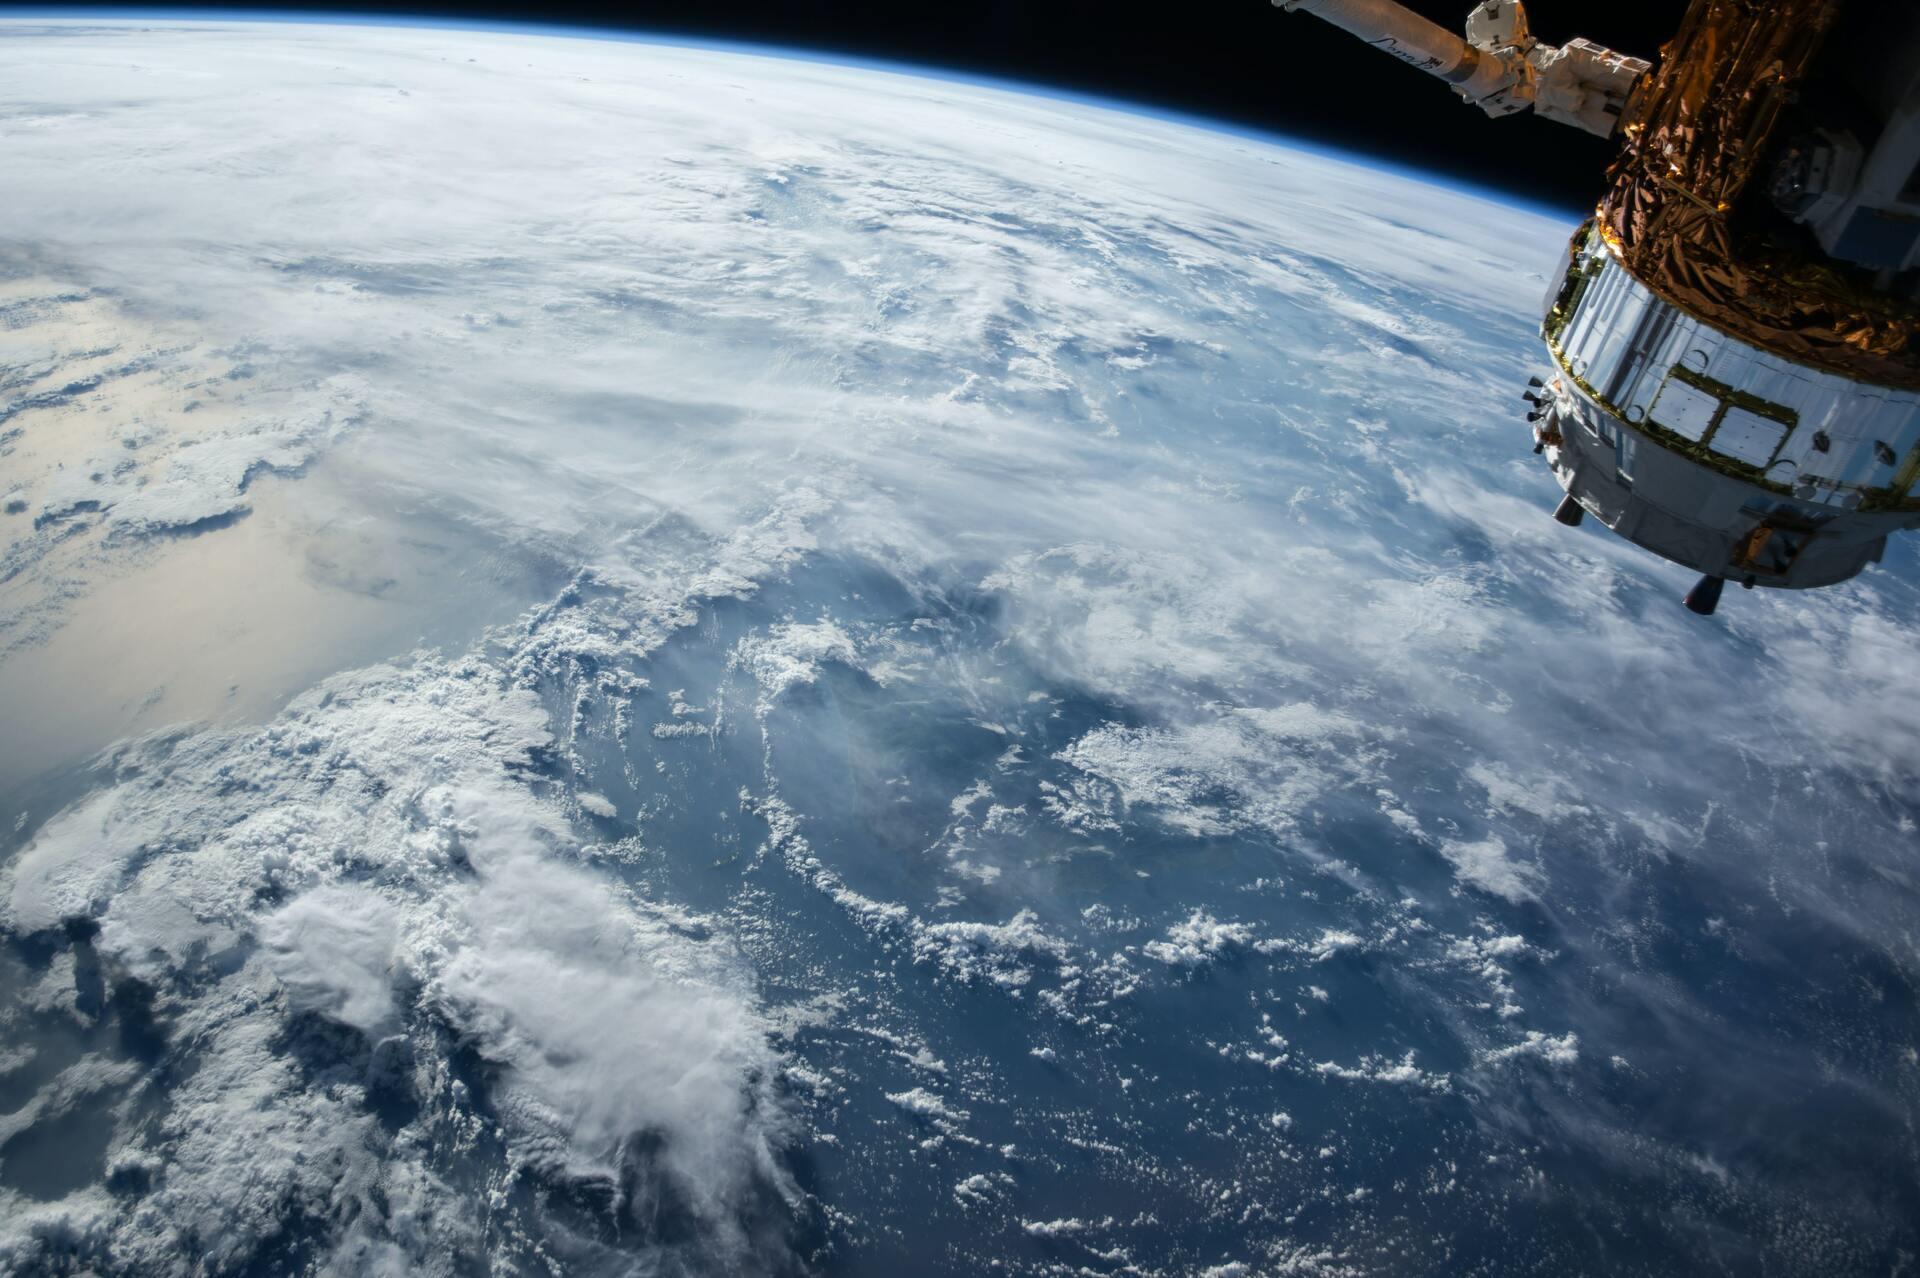 Foto notícia - Os cinquenta anos do Dia da Terra